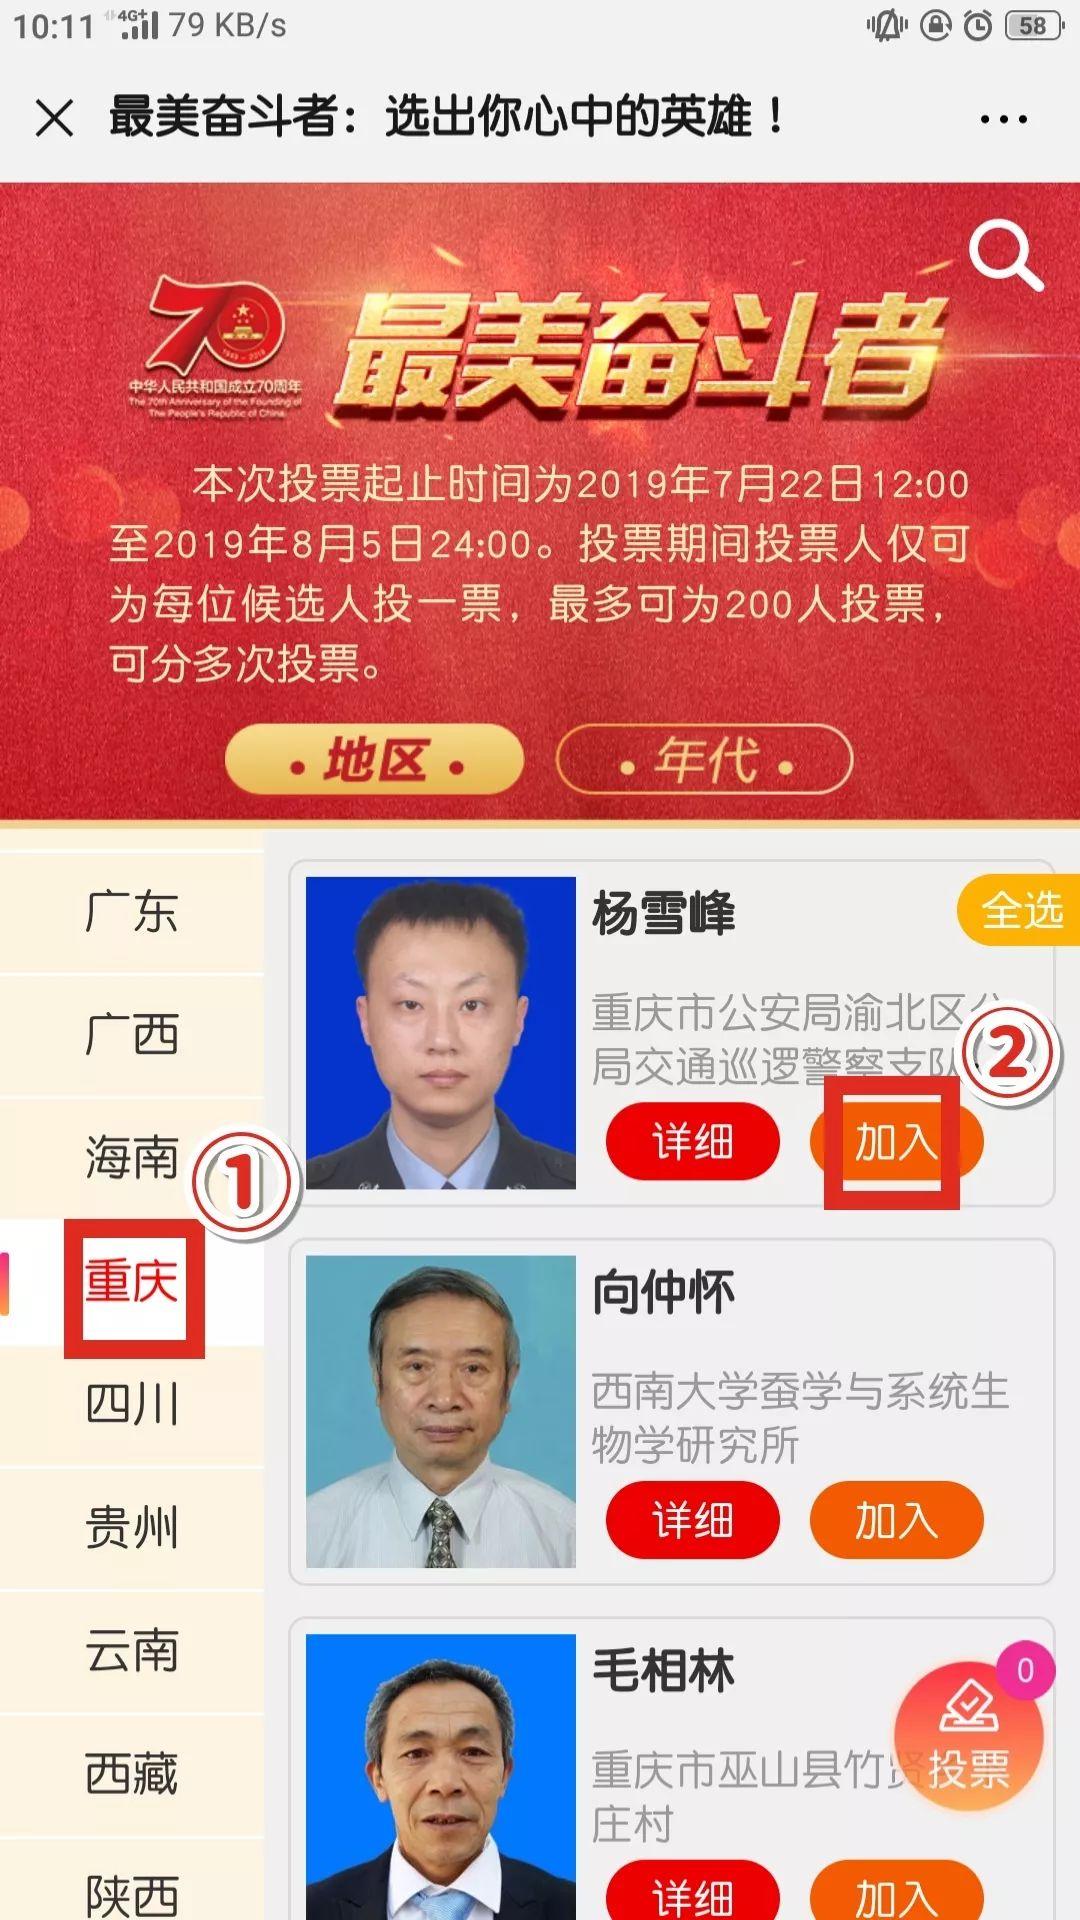 """20名重庆人候选""""最美奋斗者"""",快来为他们投票吧"""